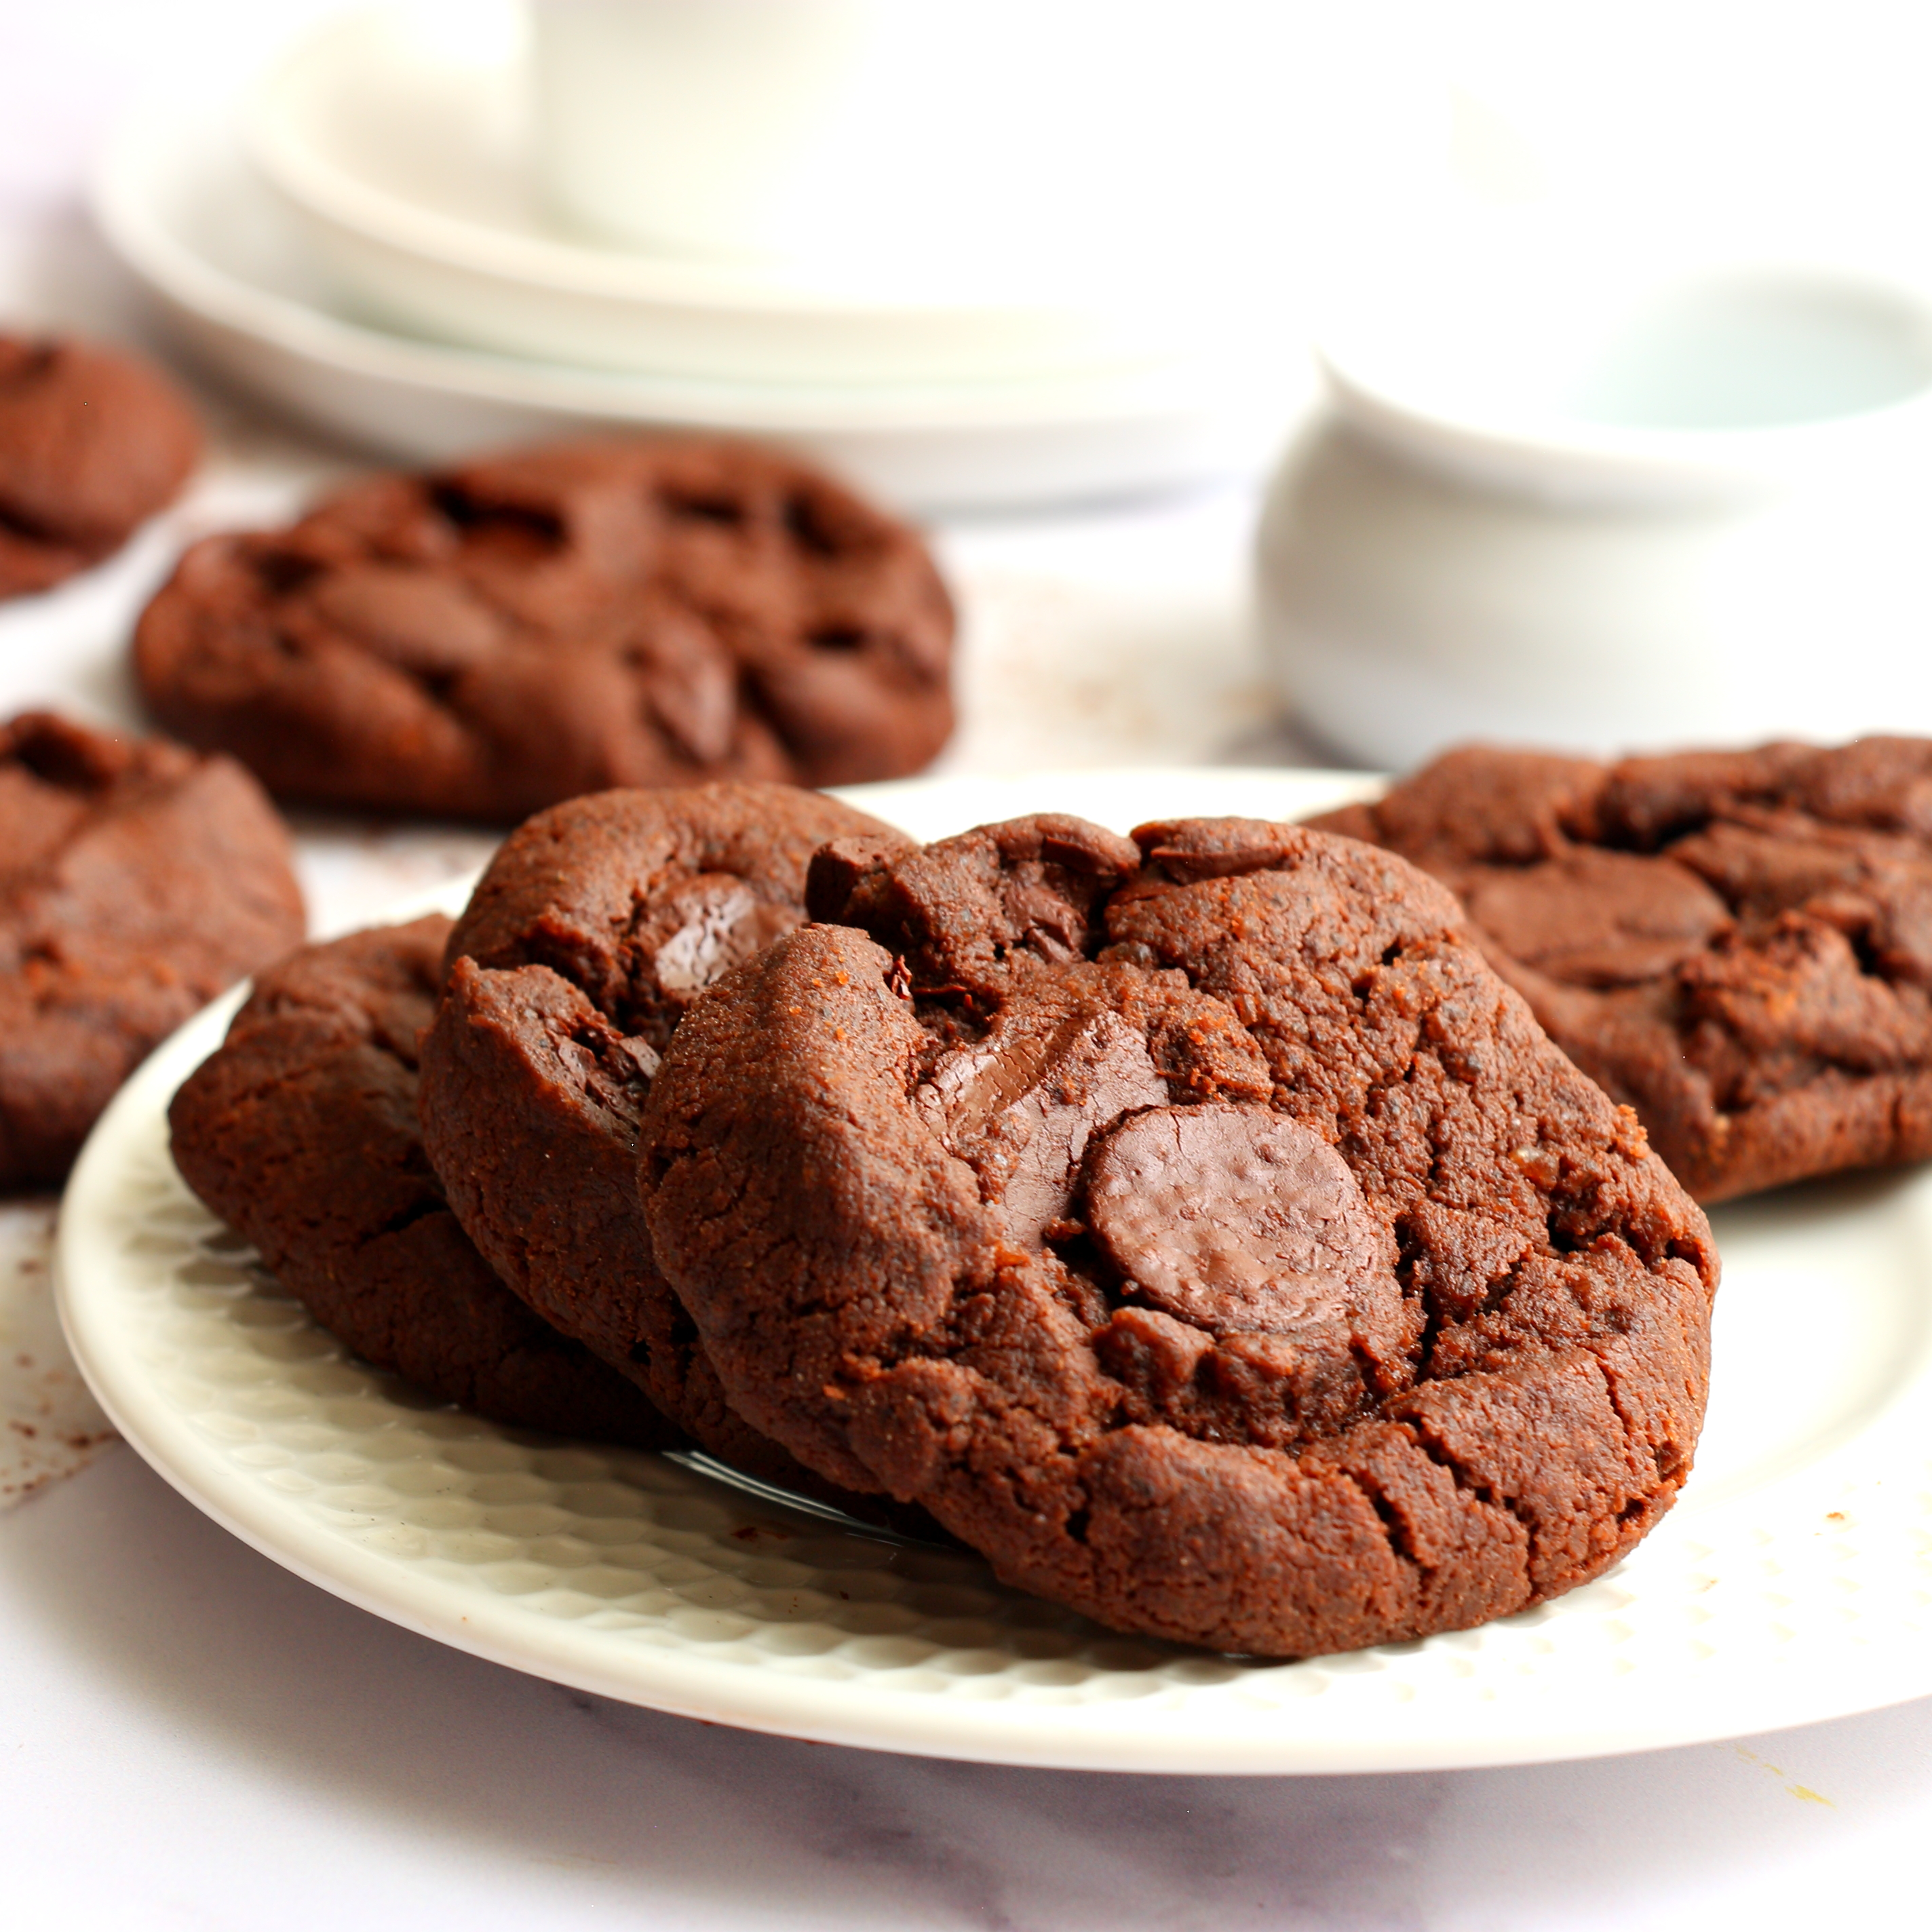 עוגיות שלום עולמי של פייר הרמה